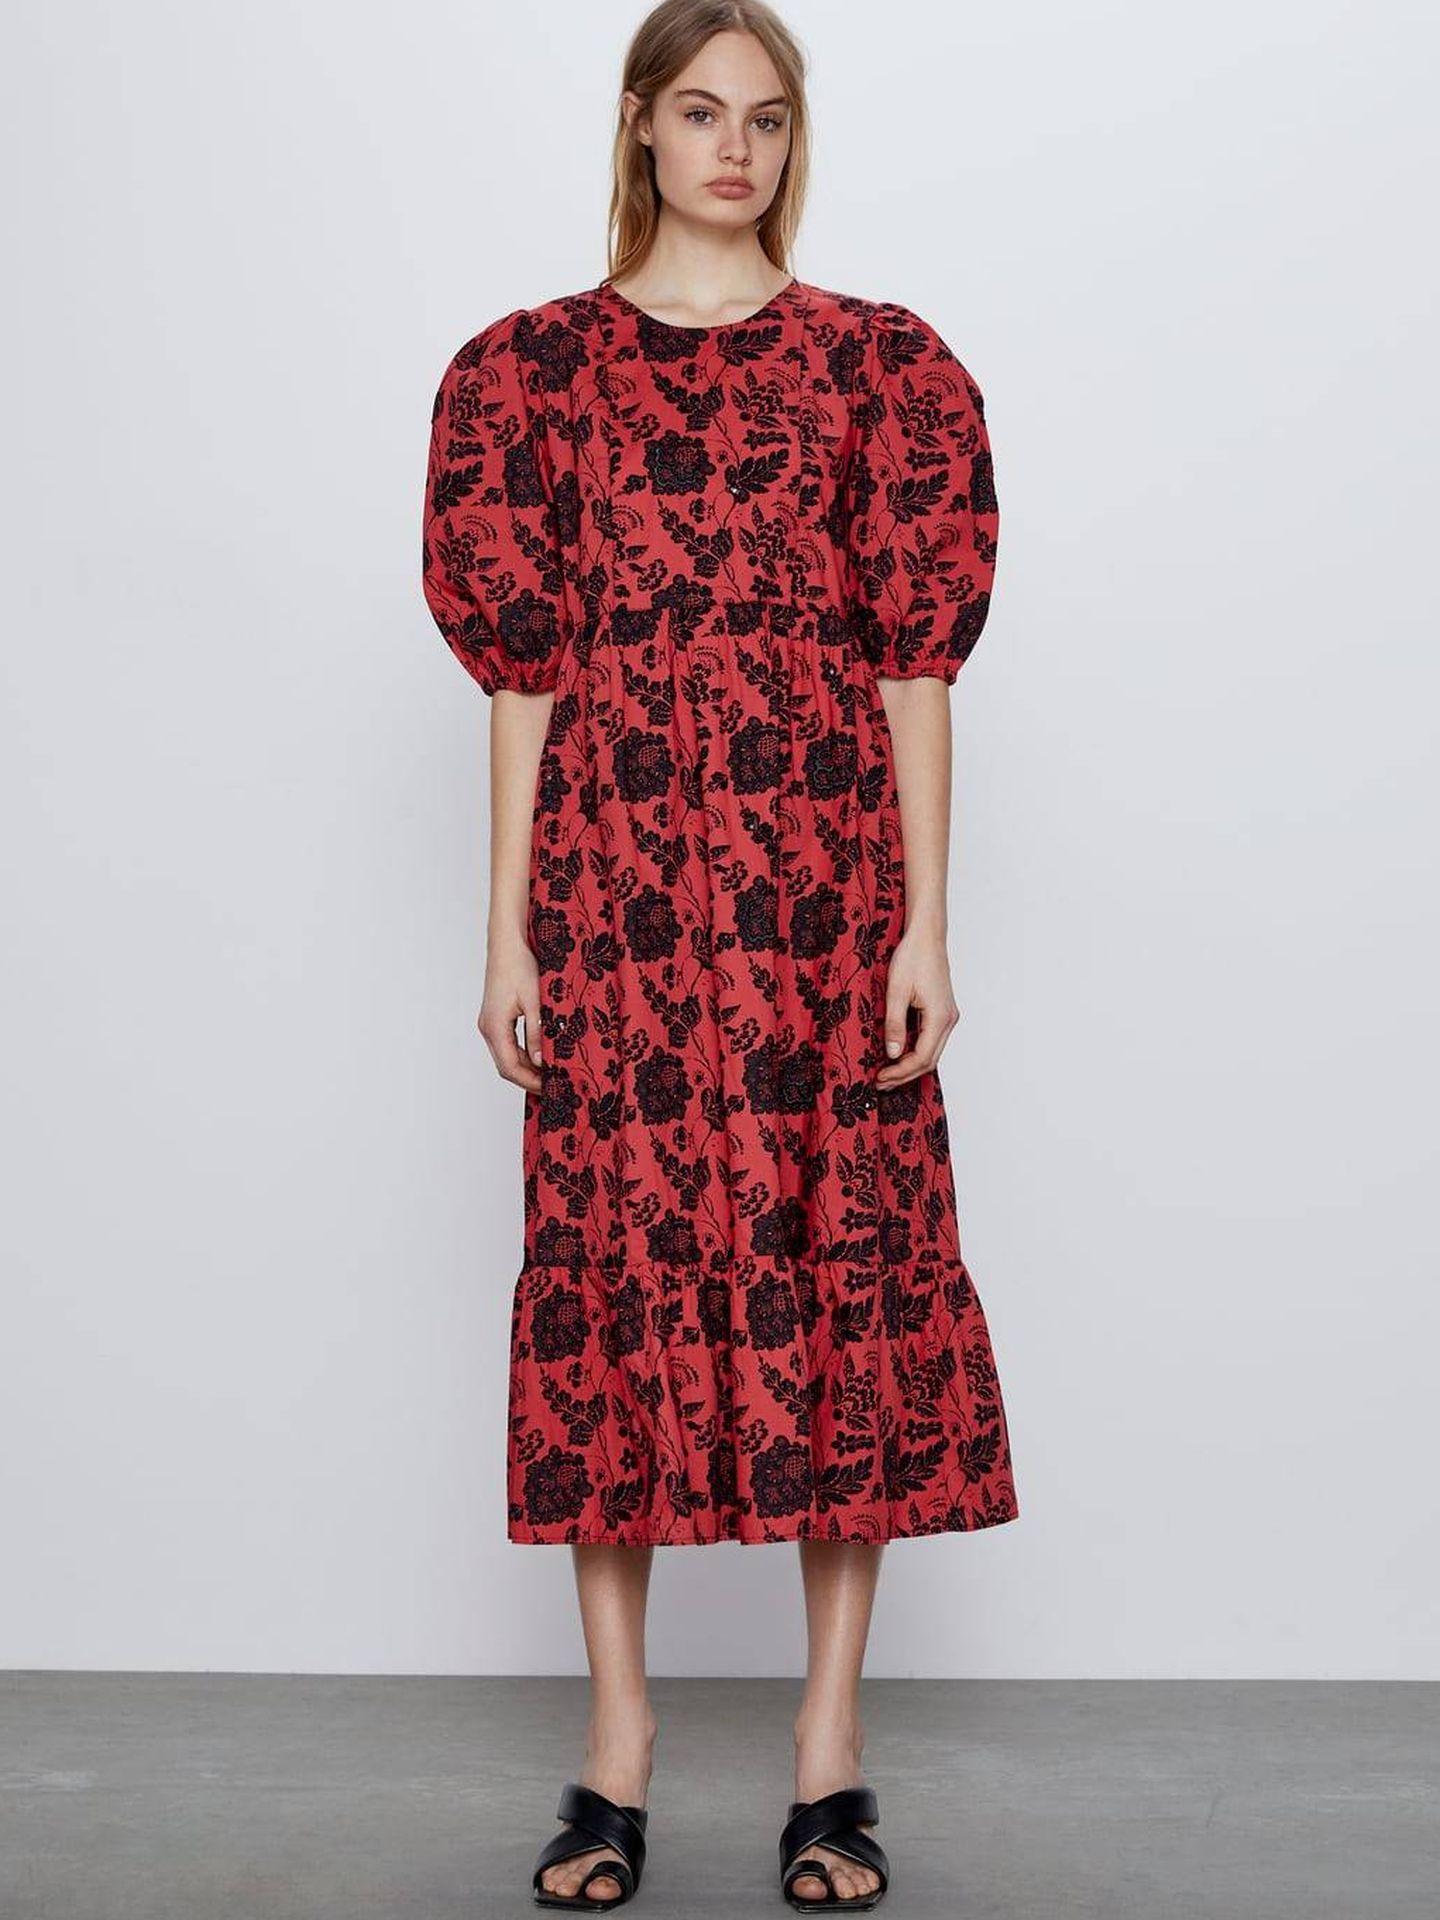 Este es el vestido de Zara que arrasa en ventas (Cortesía)